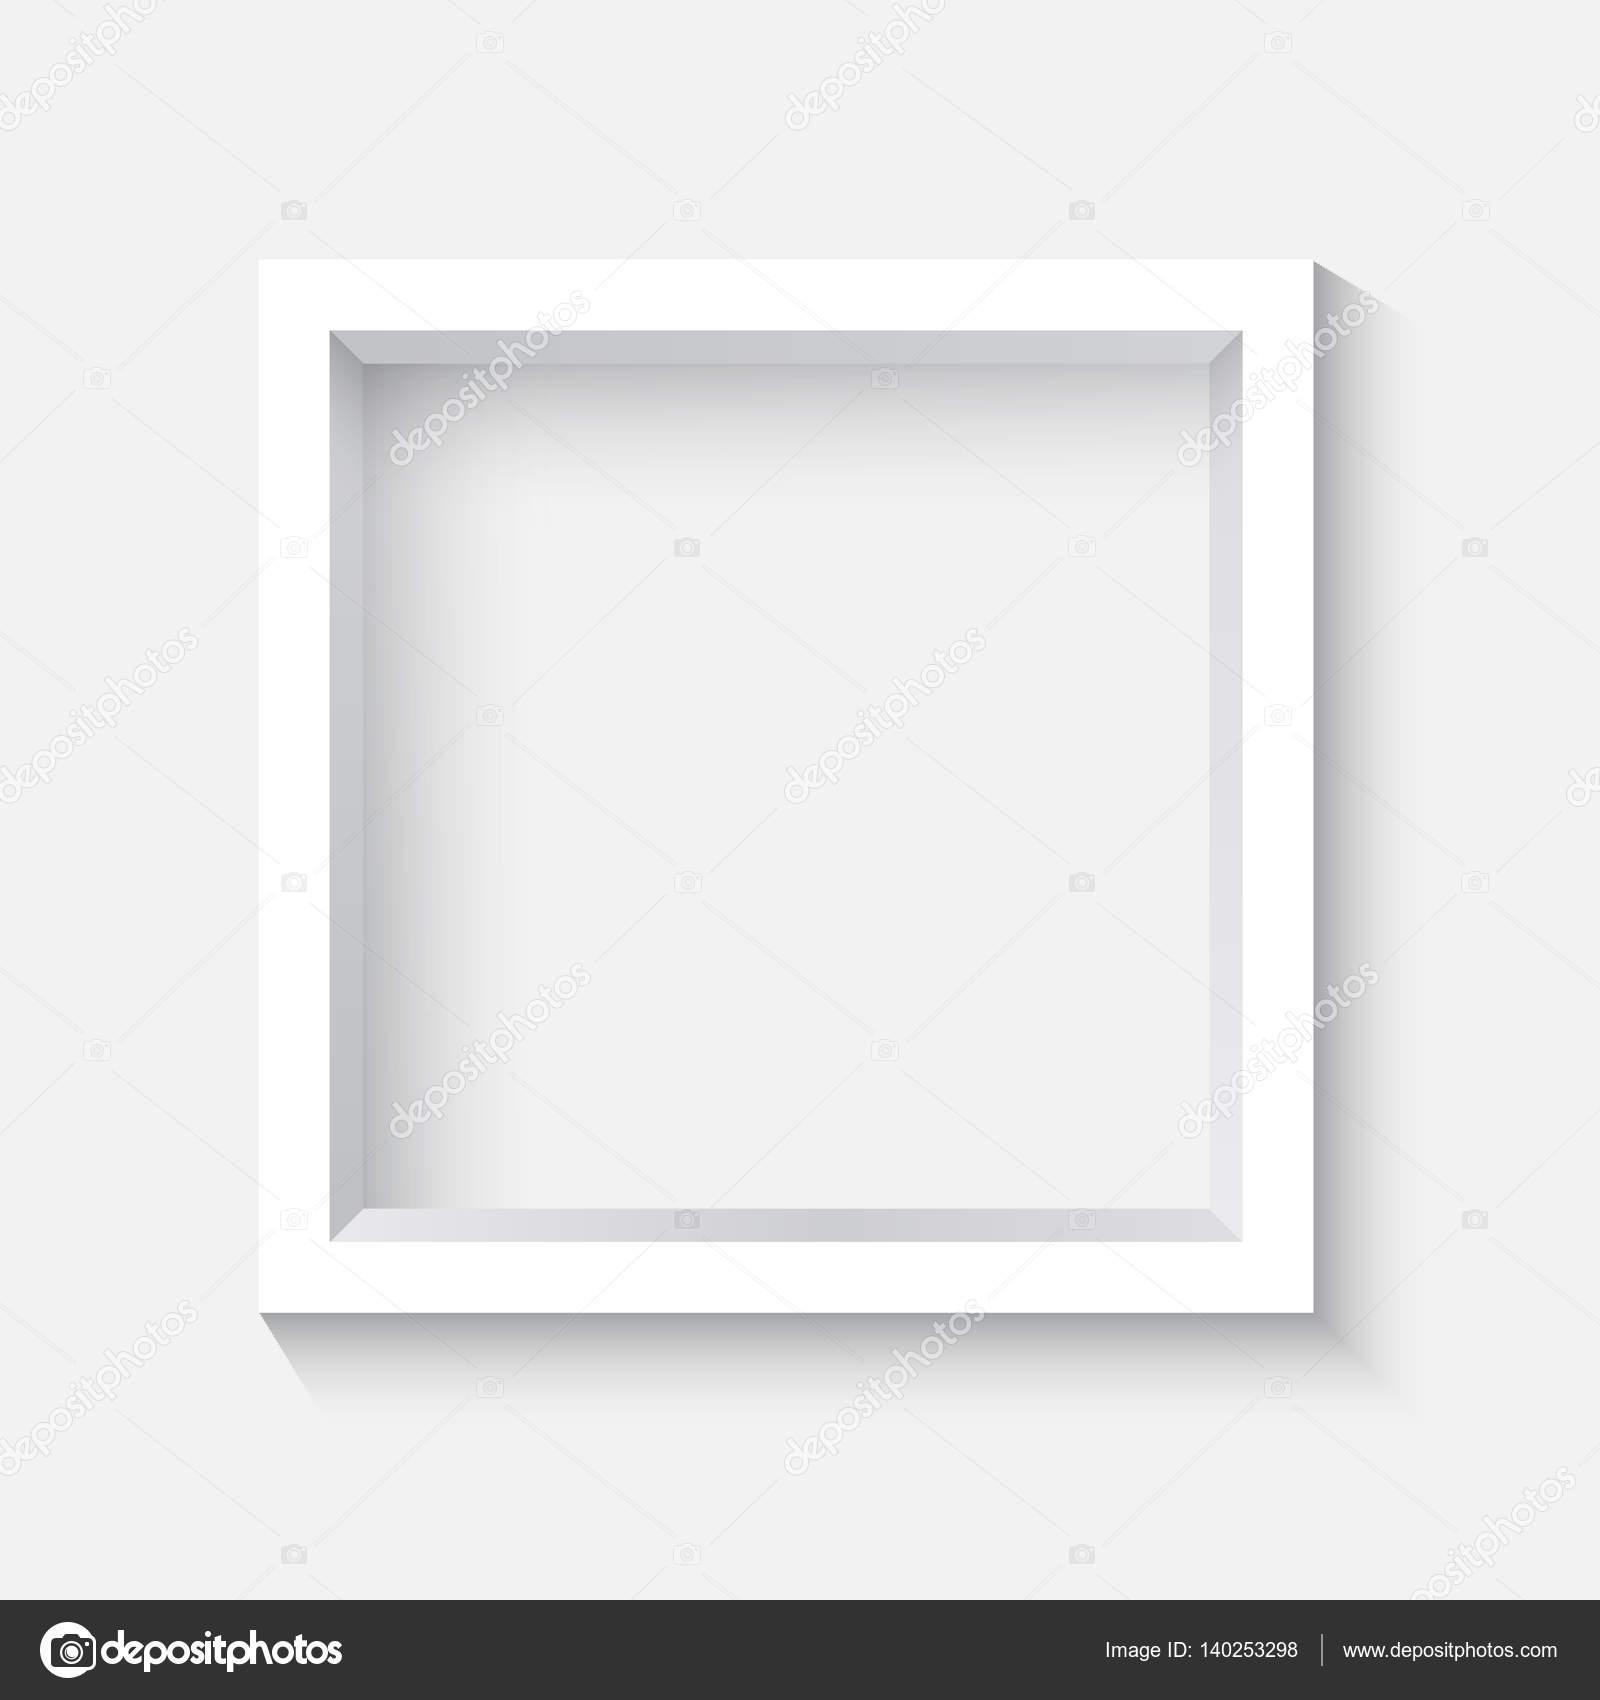 cuadrado blanco marco 3d con sombra — Archivo Imágenes Vectoriales ...